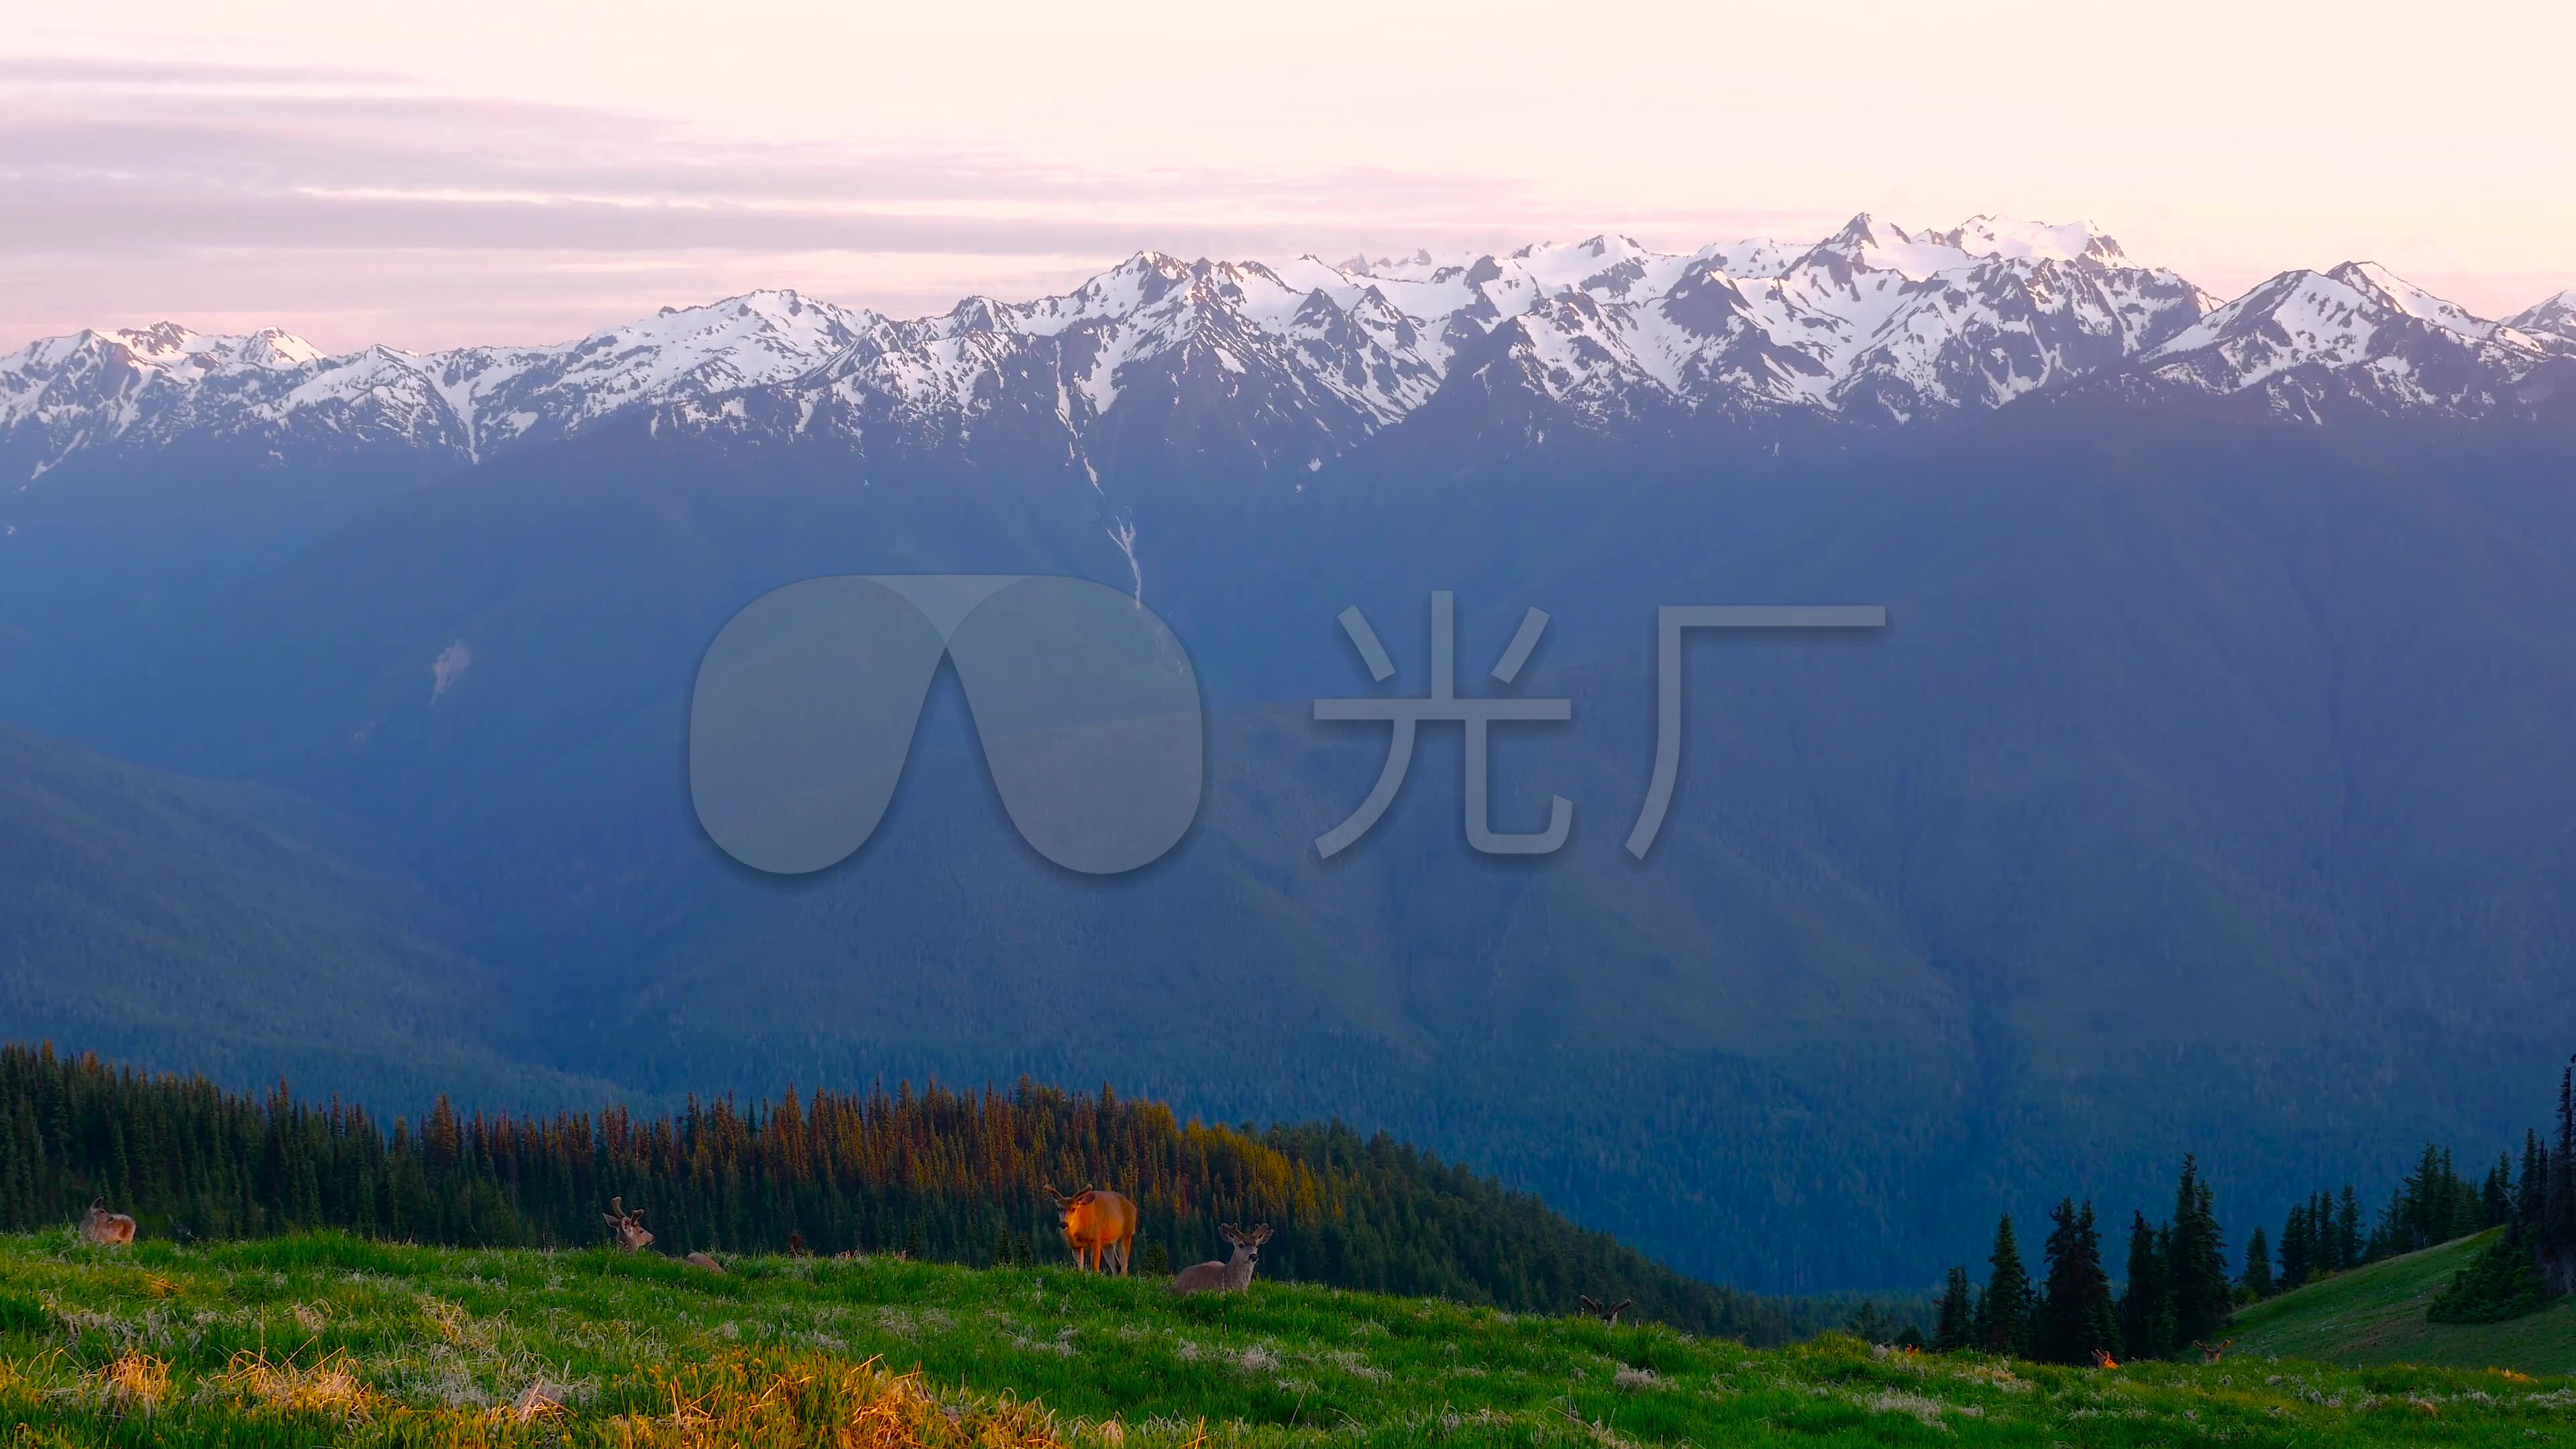 美丽大自然草原风景雪山视频_3840X2160_高法国小鹿图片